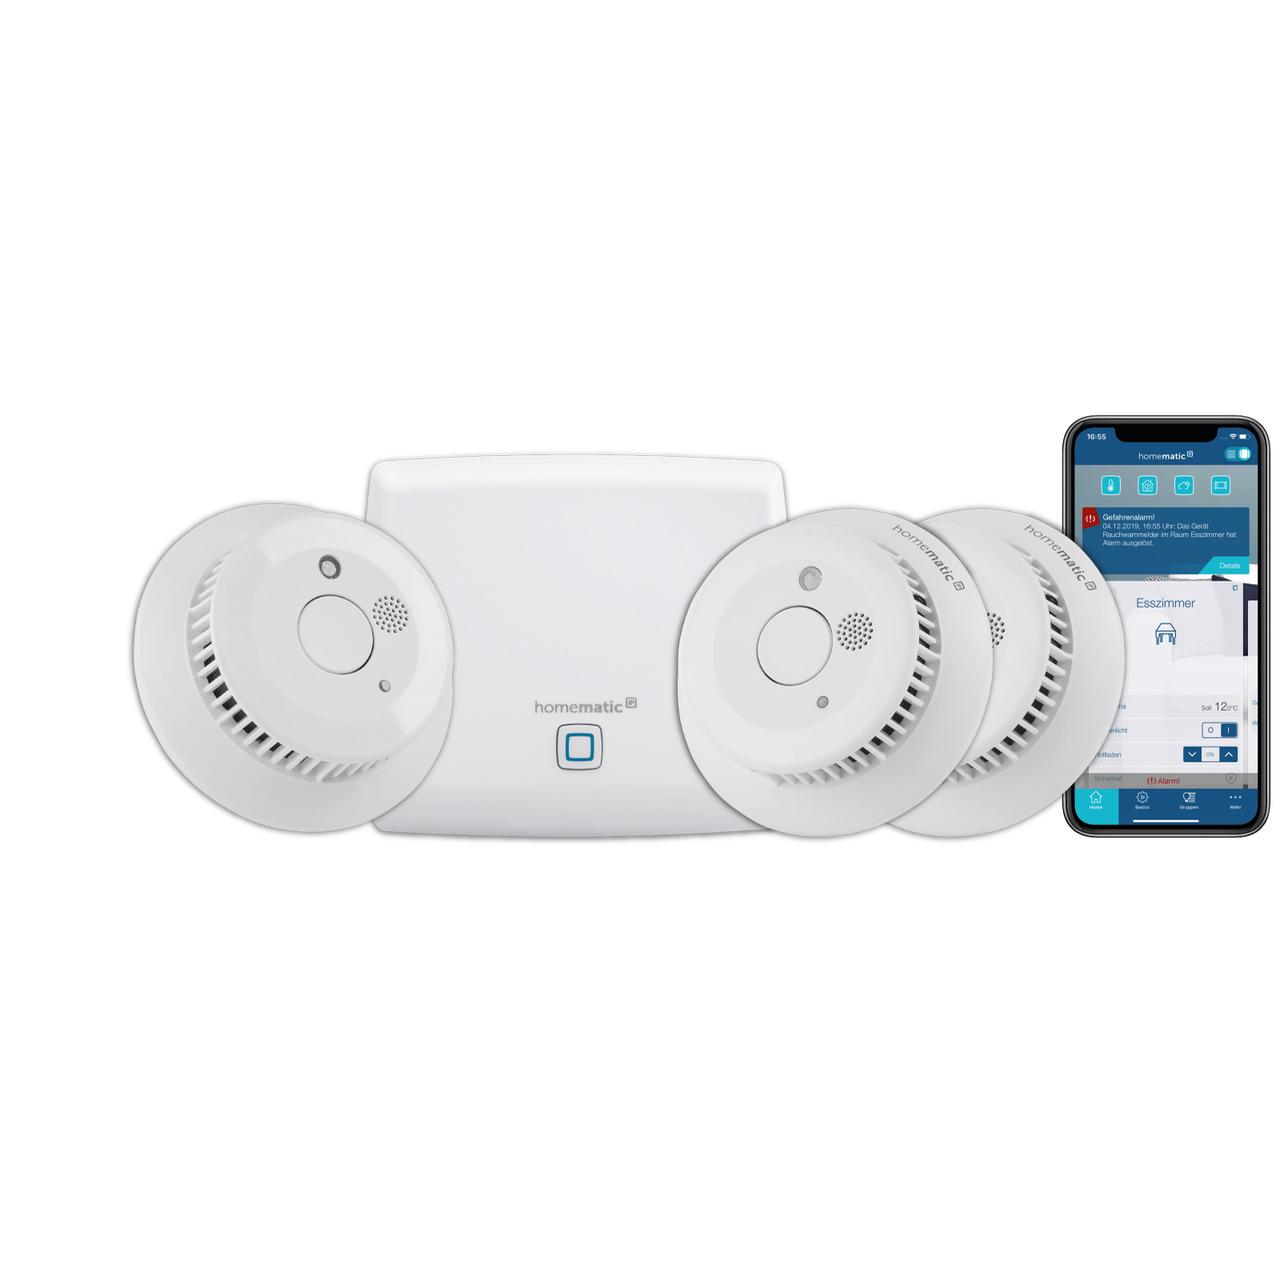 Homematic IP Smart Home Starter Set Rauchwarnmelder mit Access Point und 3 Funk-Rauchwarnmeldern